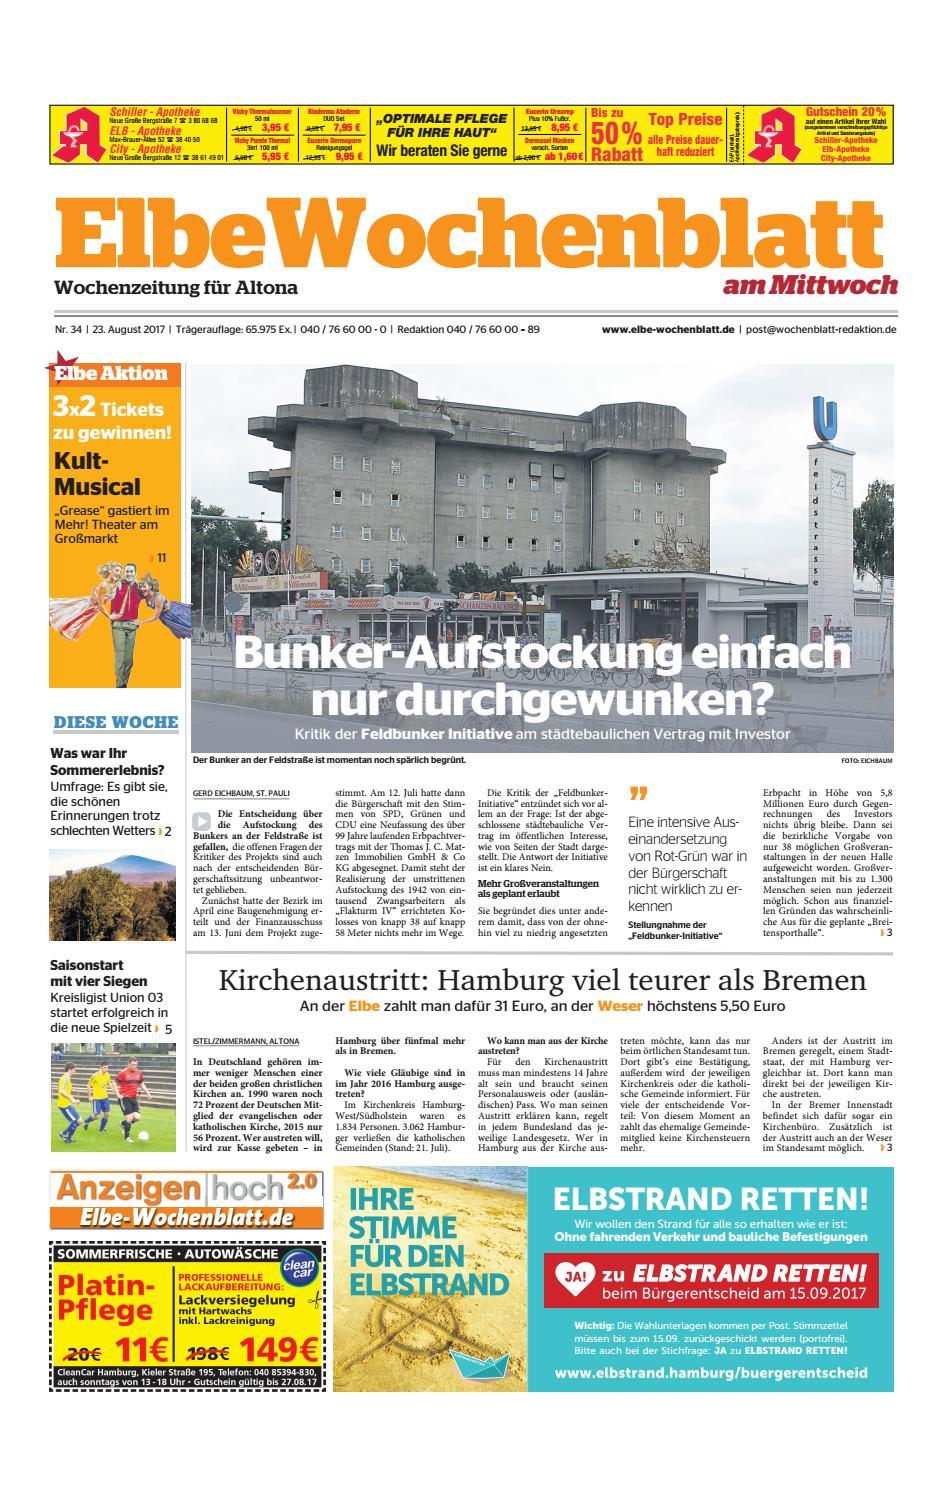 Altona KW34 2017 by Elbe Wochenblatt Verlagsgesellschaft mbH